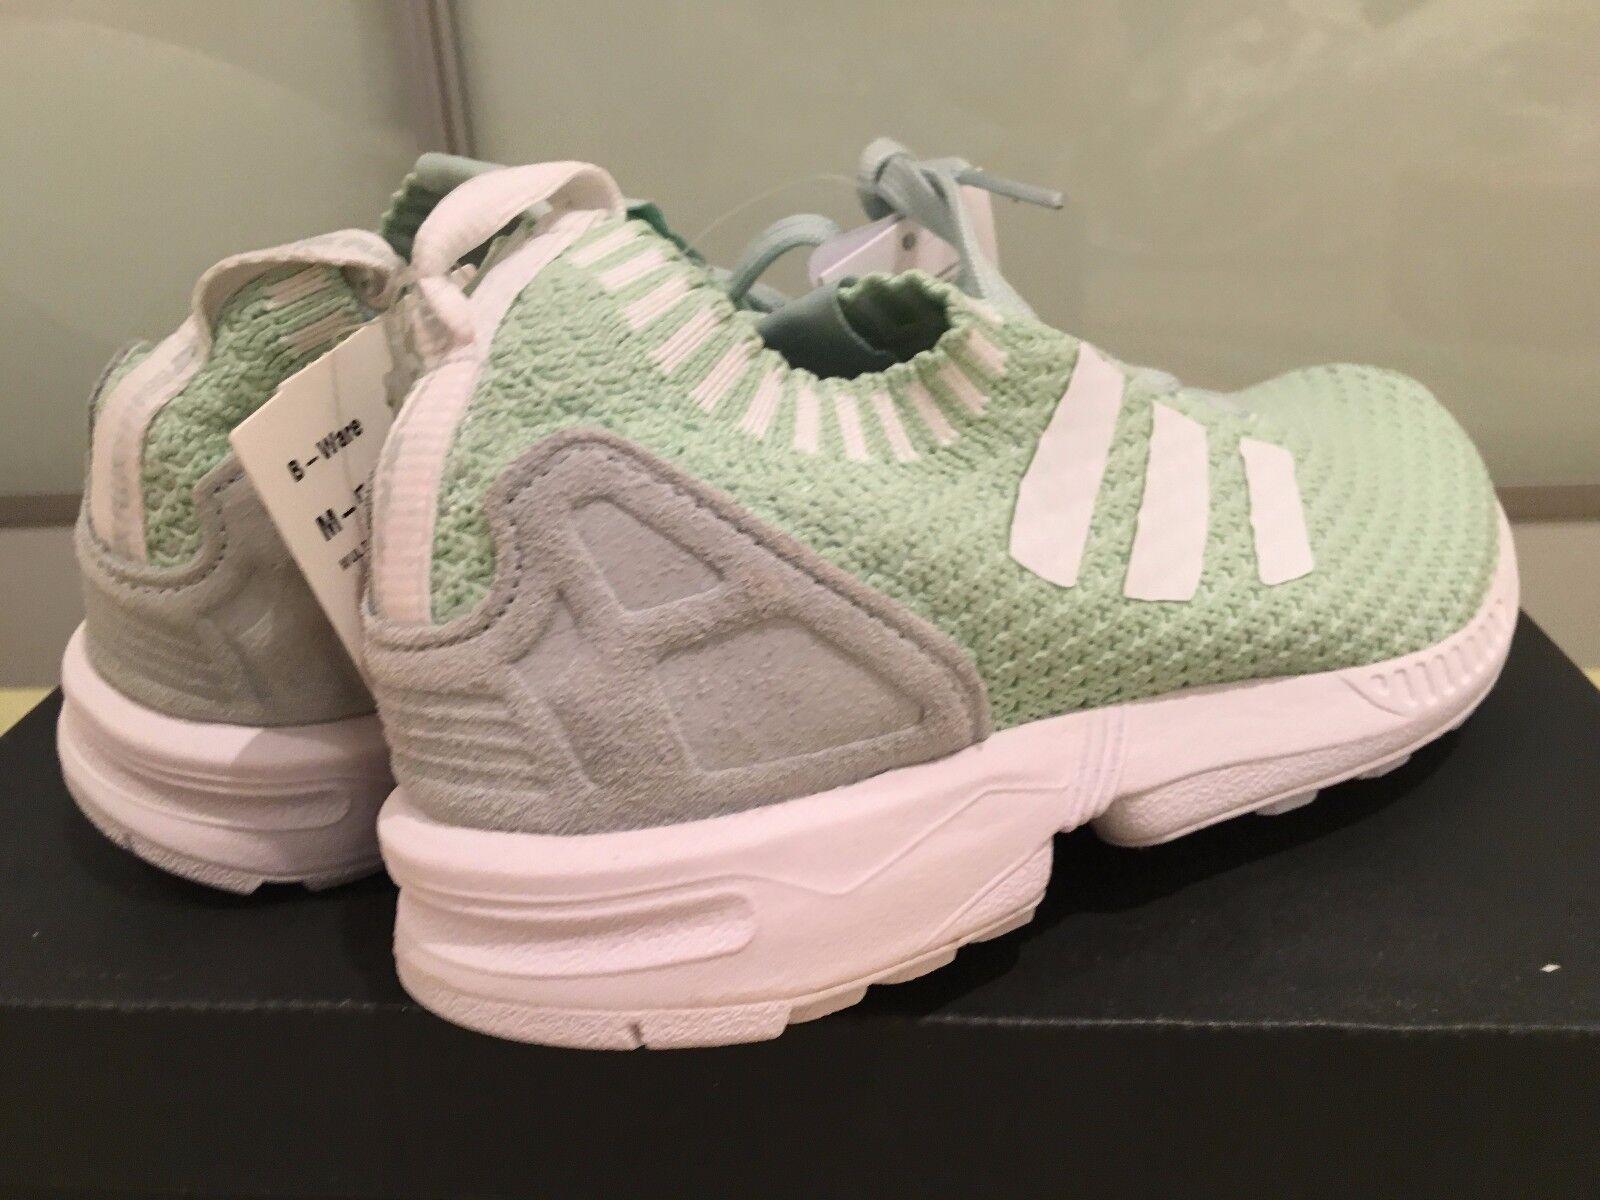 los angeles 73fa0 2700b ... Adidas Originals ZX Flux PK W Zapatos para mujeres Tenis Entrenadores  Verde S81899 ...